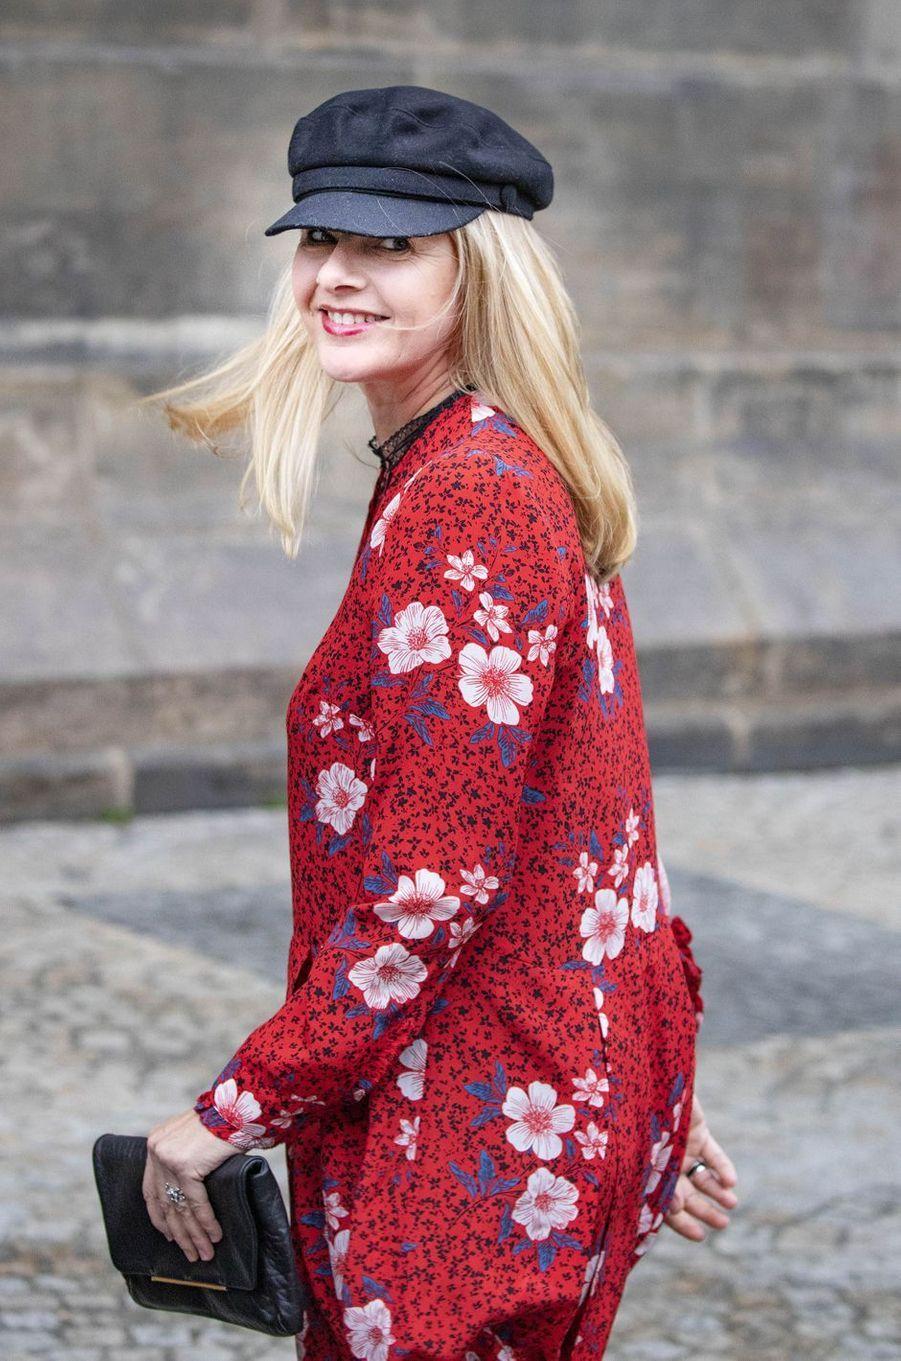 La princesse Mabel des Pays-Bas à Amsterdam, le 6 décembre 2018